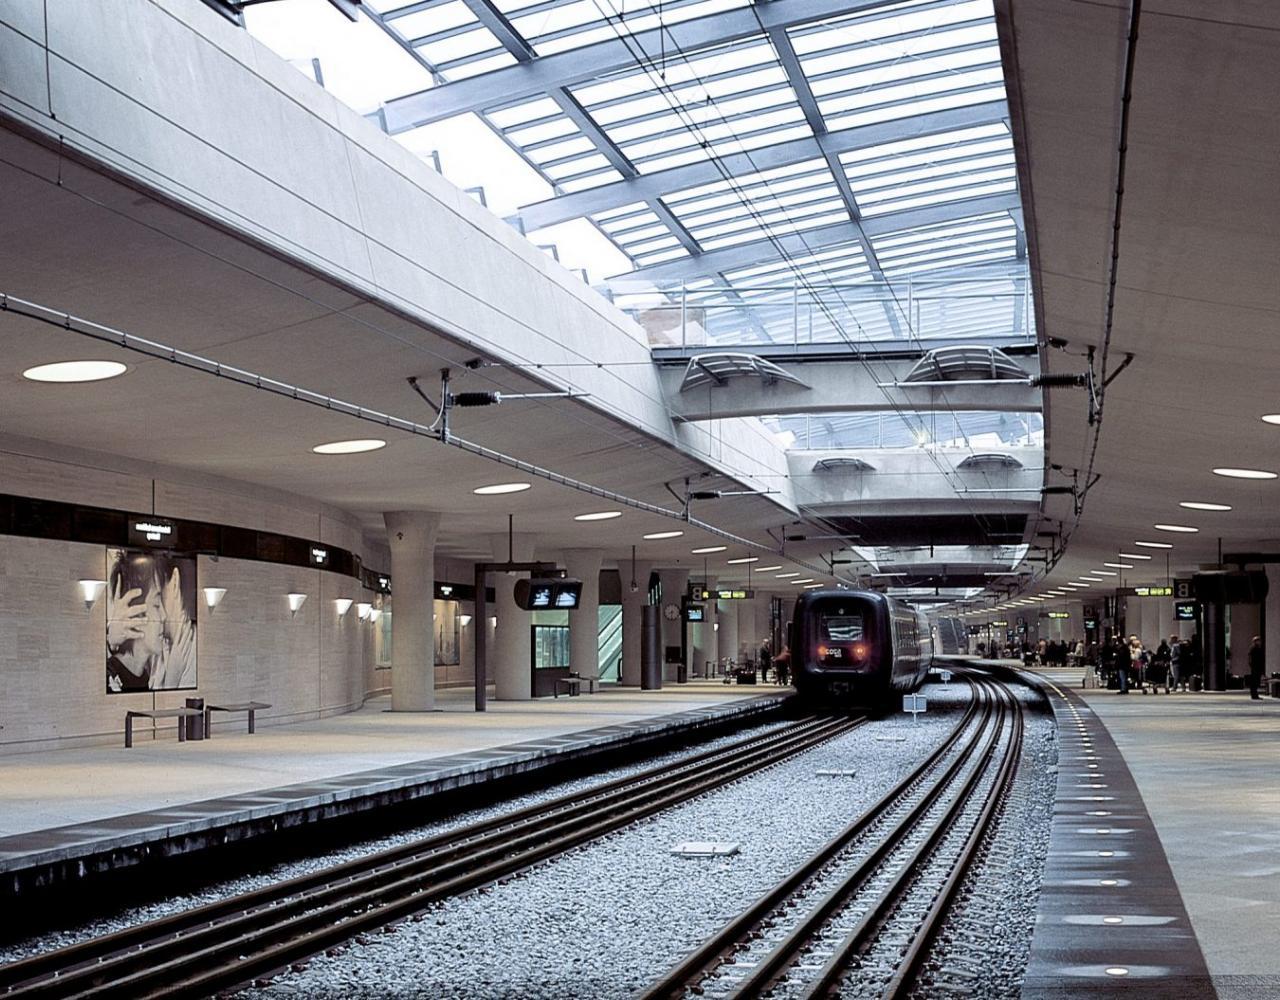 Lufthavn Station, Kastrup, Vilhelm Lauritzen